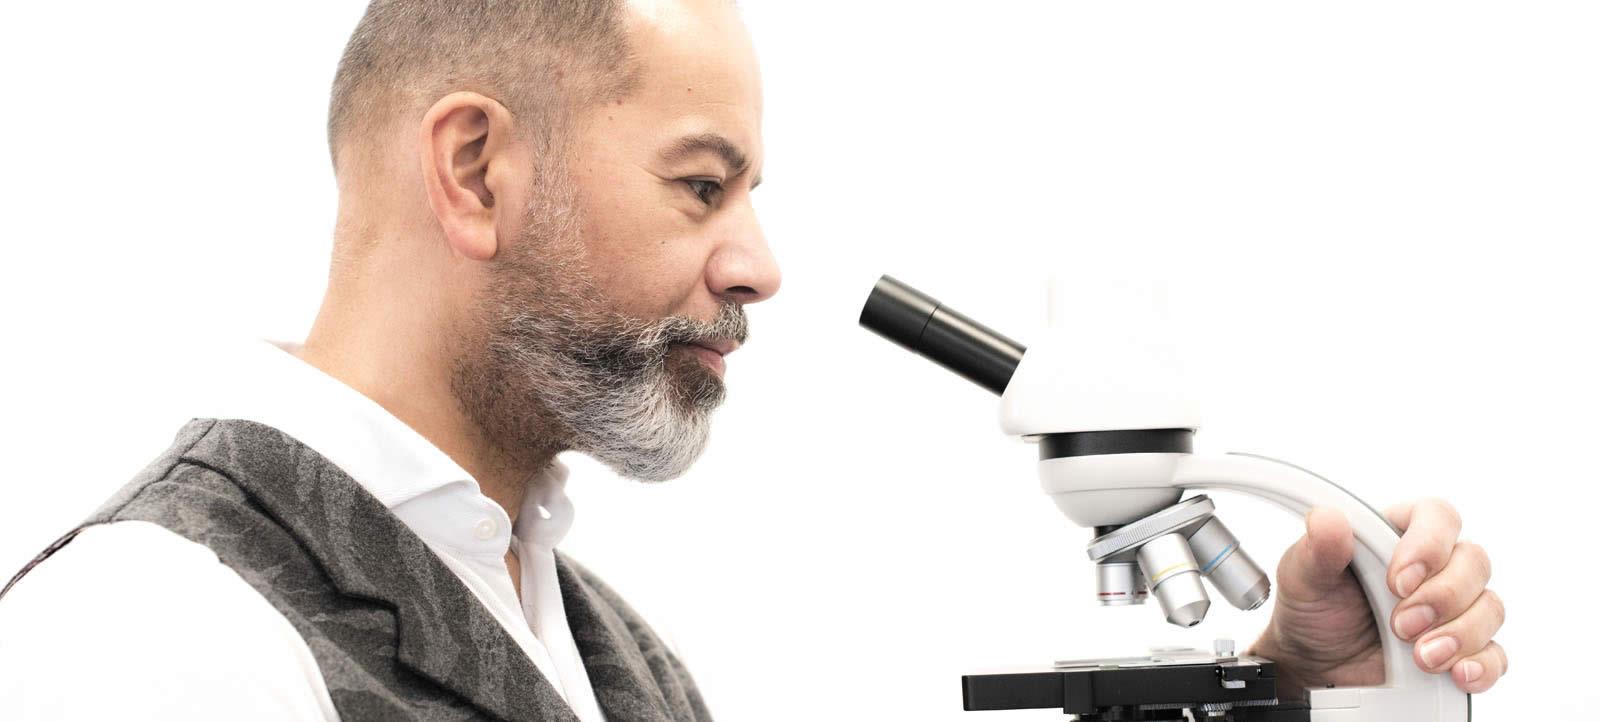 Hair microscopy